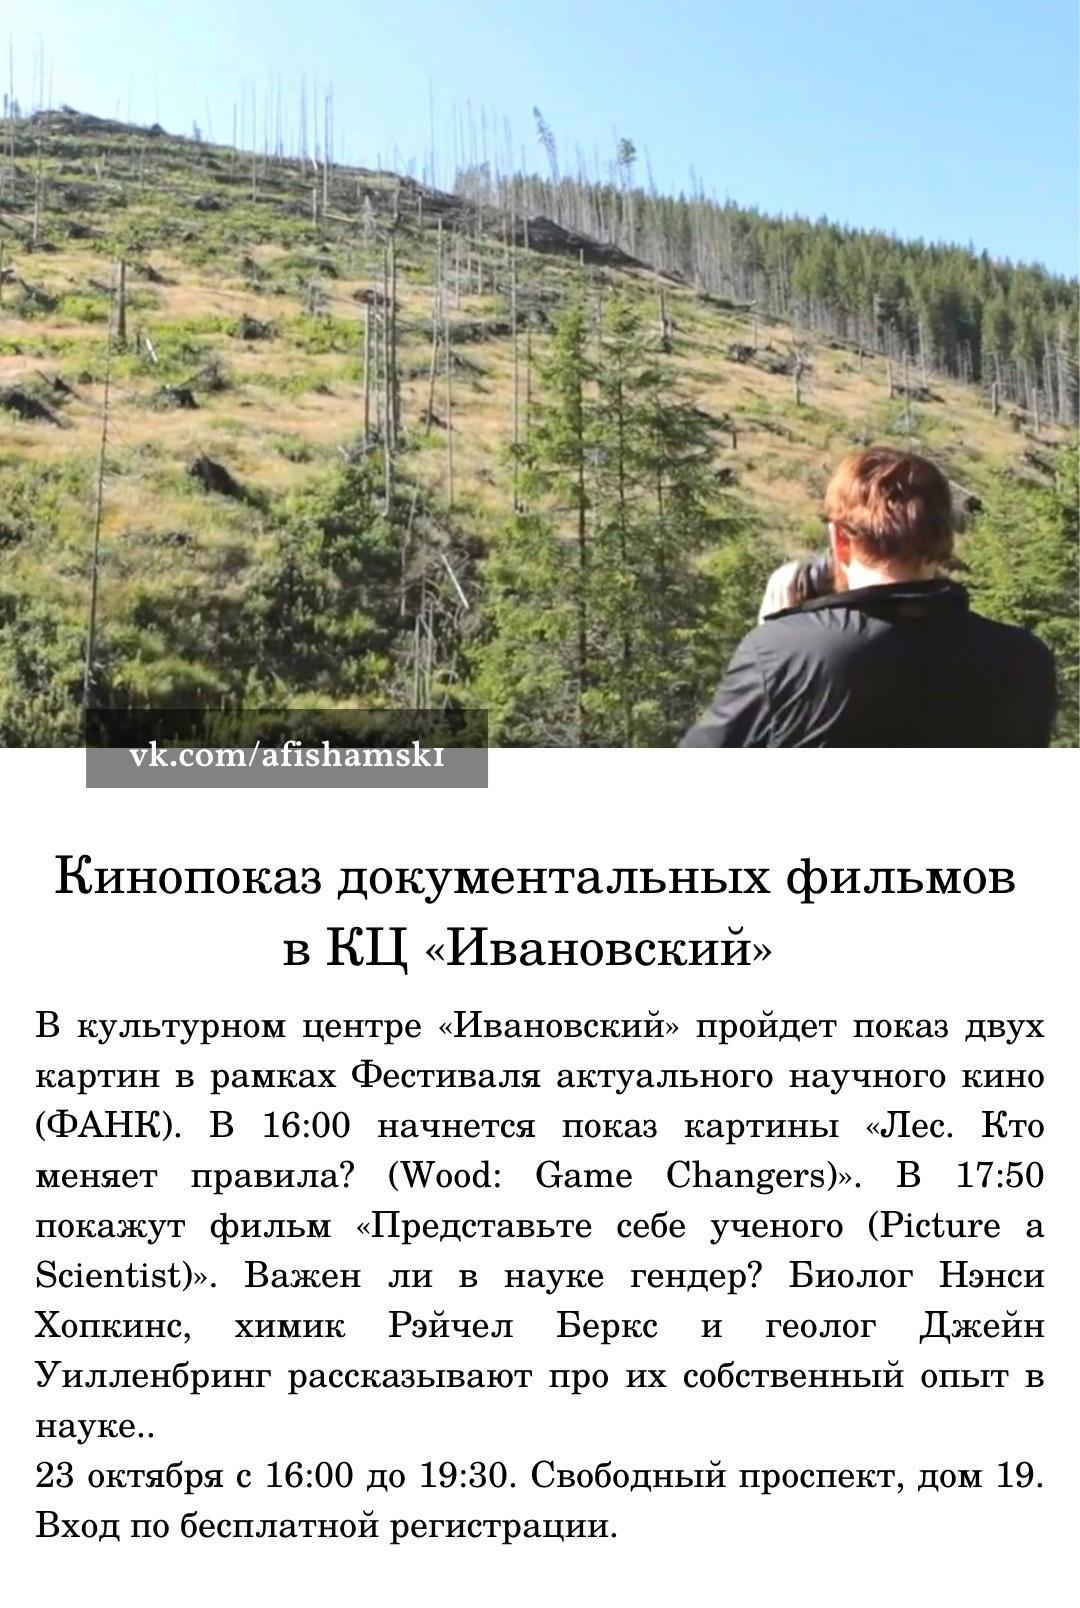 Пост Москвича номер #257919